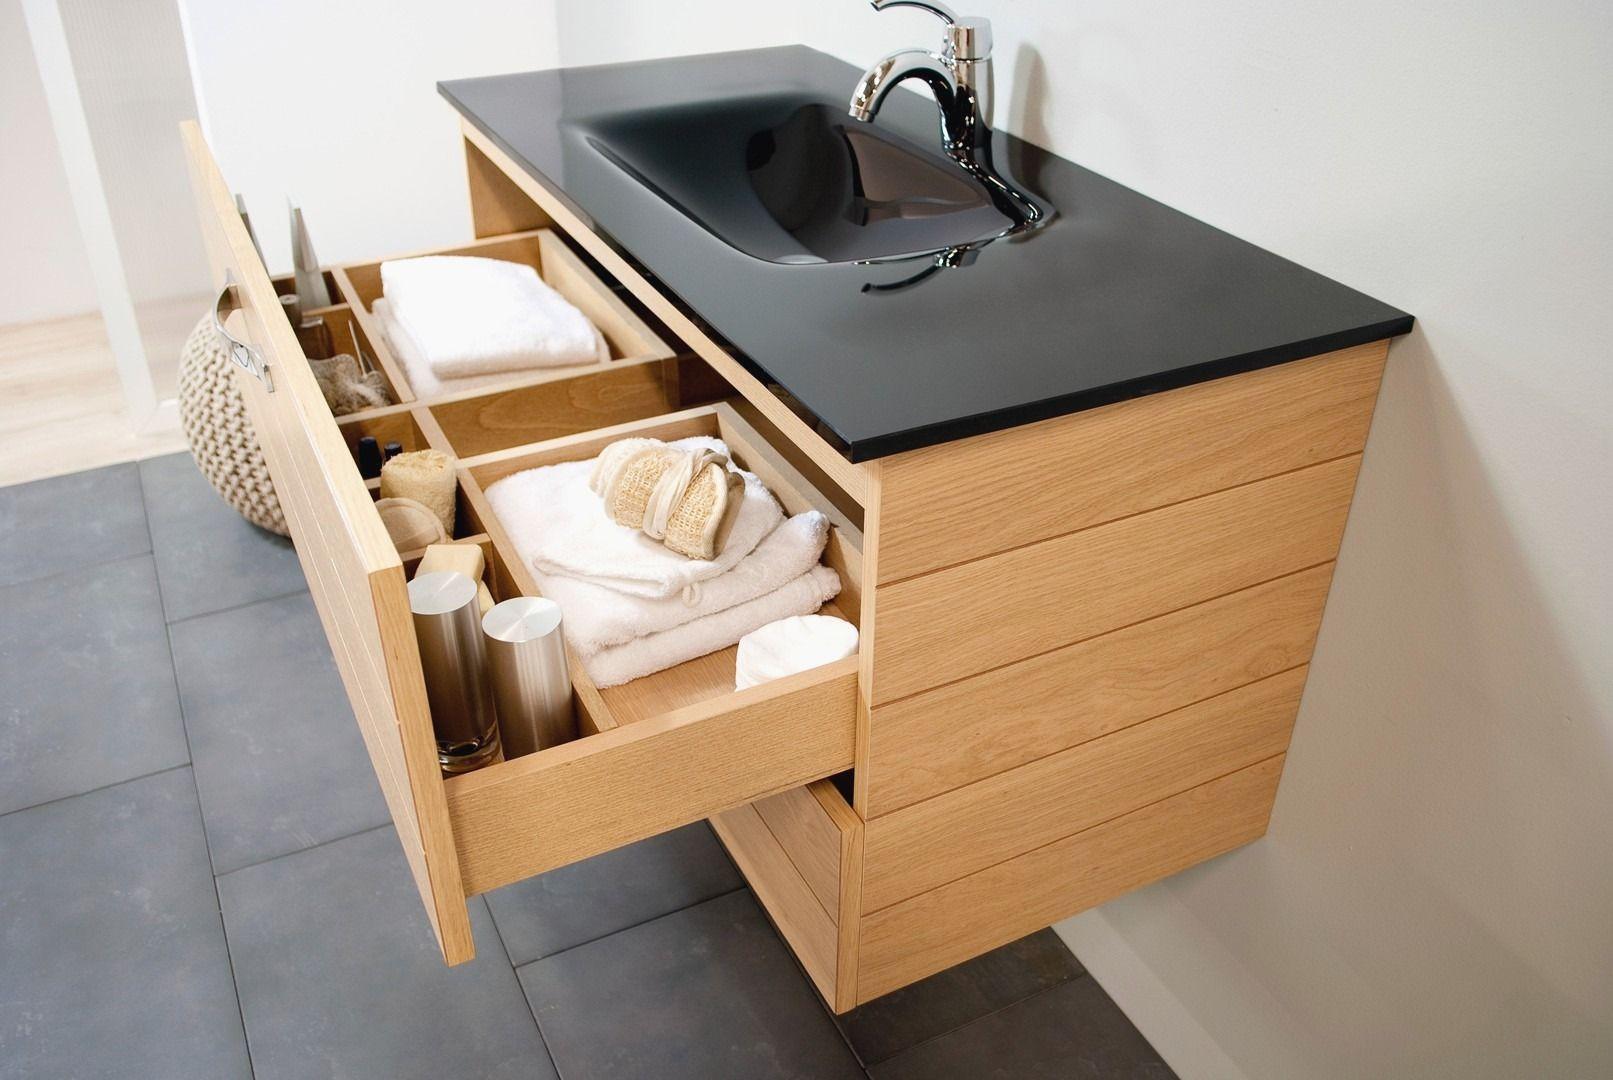 Finest Meuble Salle De Bain Suspendu Et Meubles De Salle Bains Suspendus Images Grantra Wit Furniture Design Modern Contemporary Furniture Bathroom Collections